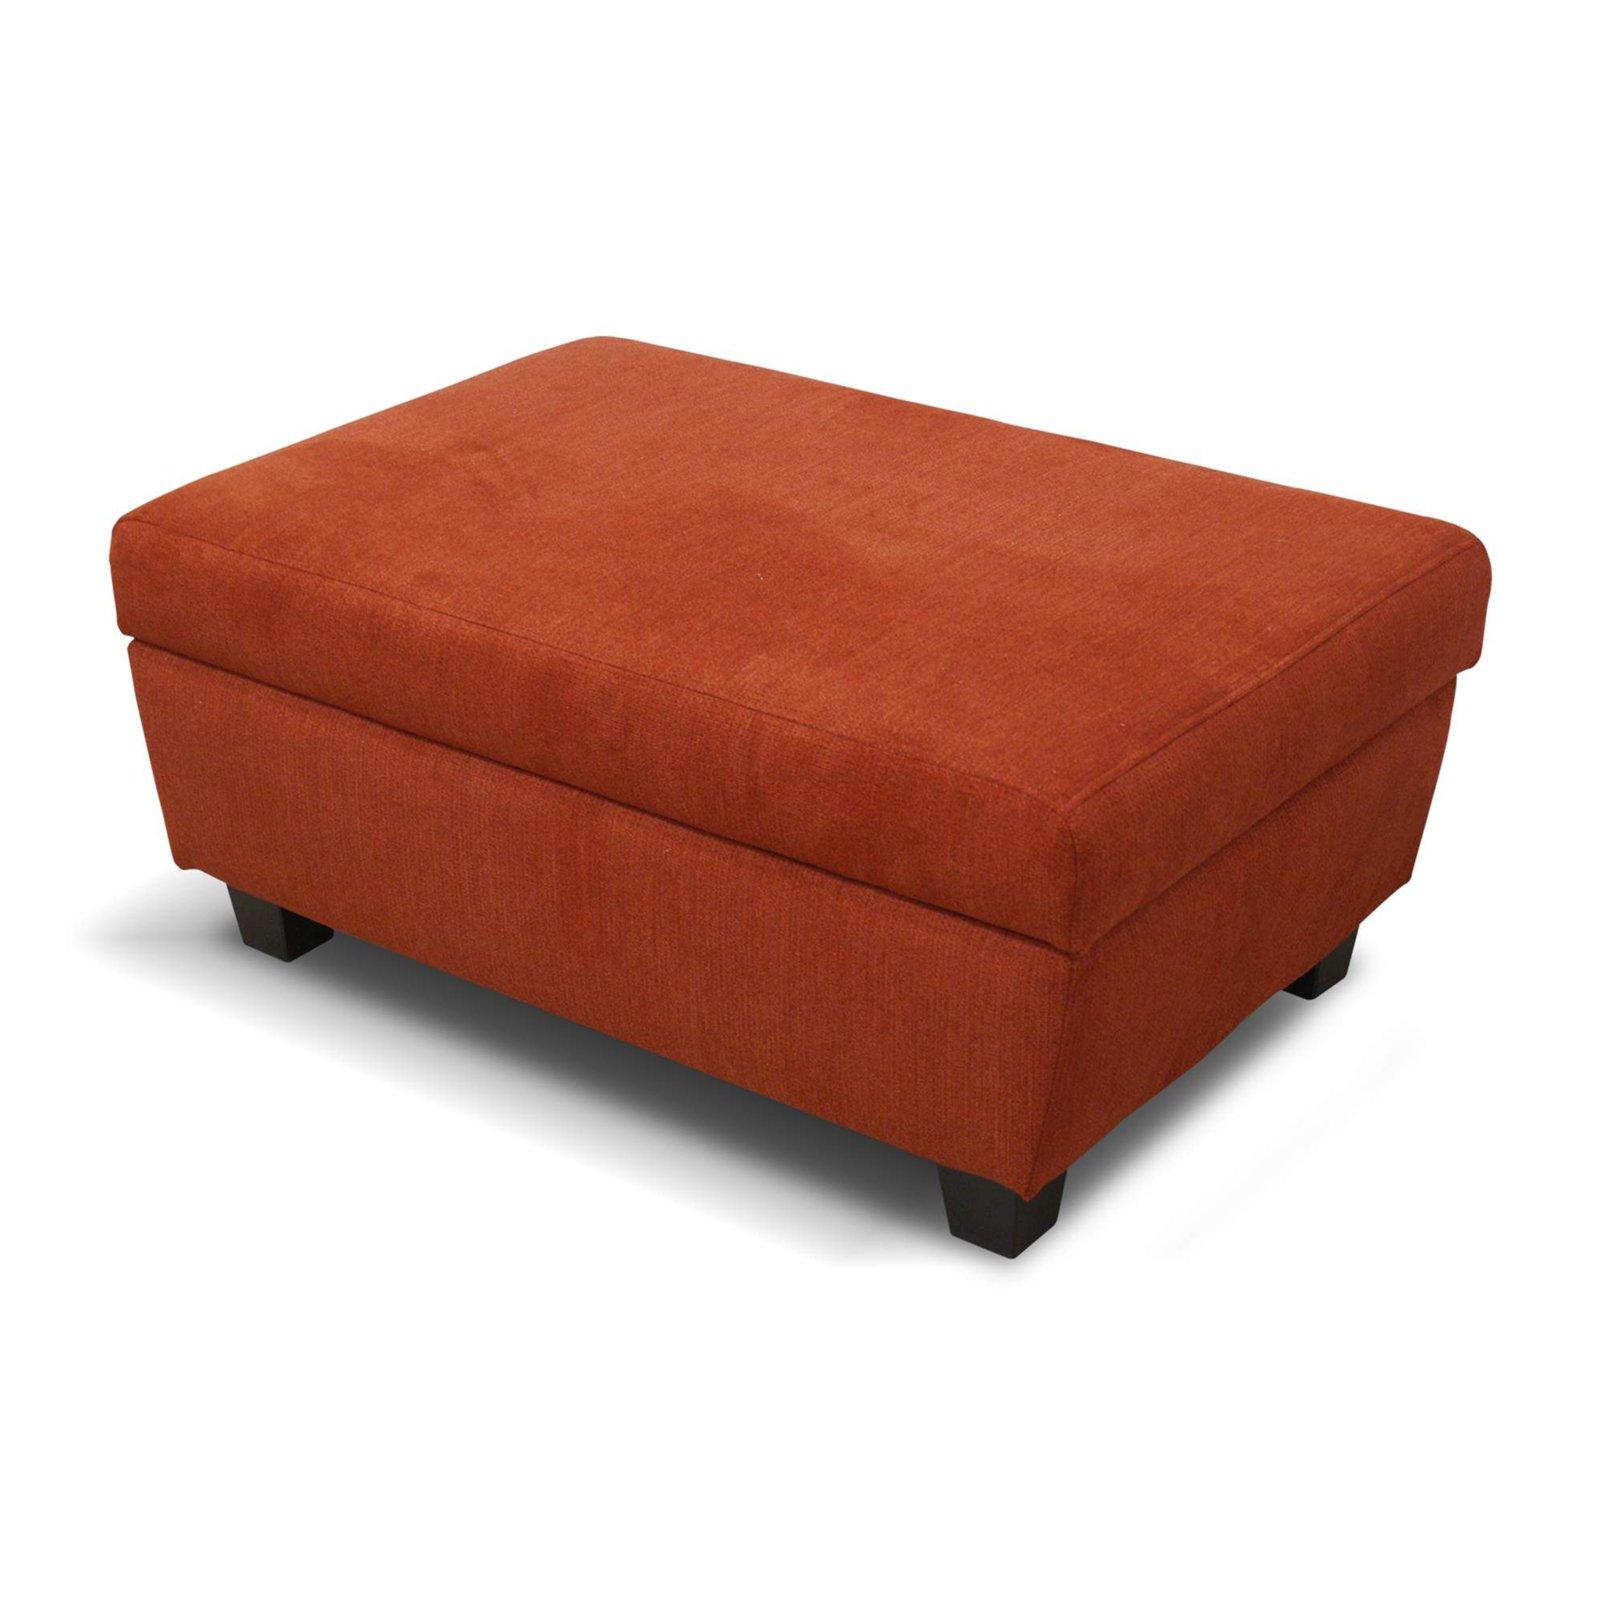 polsterhocker terra mit staufach polsterhocker. Black Bedroom Furniture Sets. Home Design Ideas